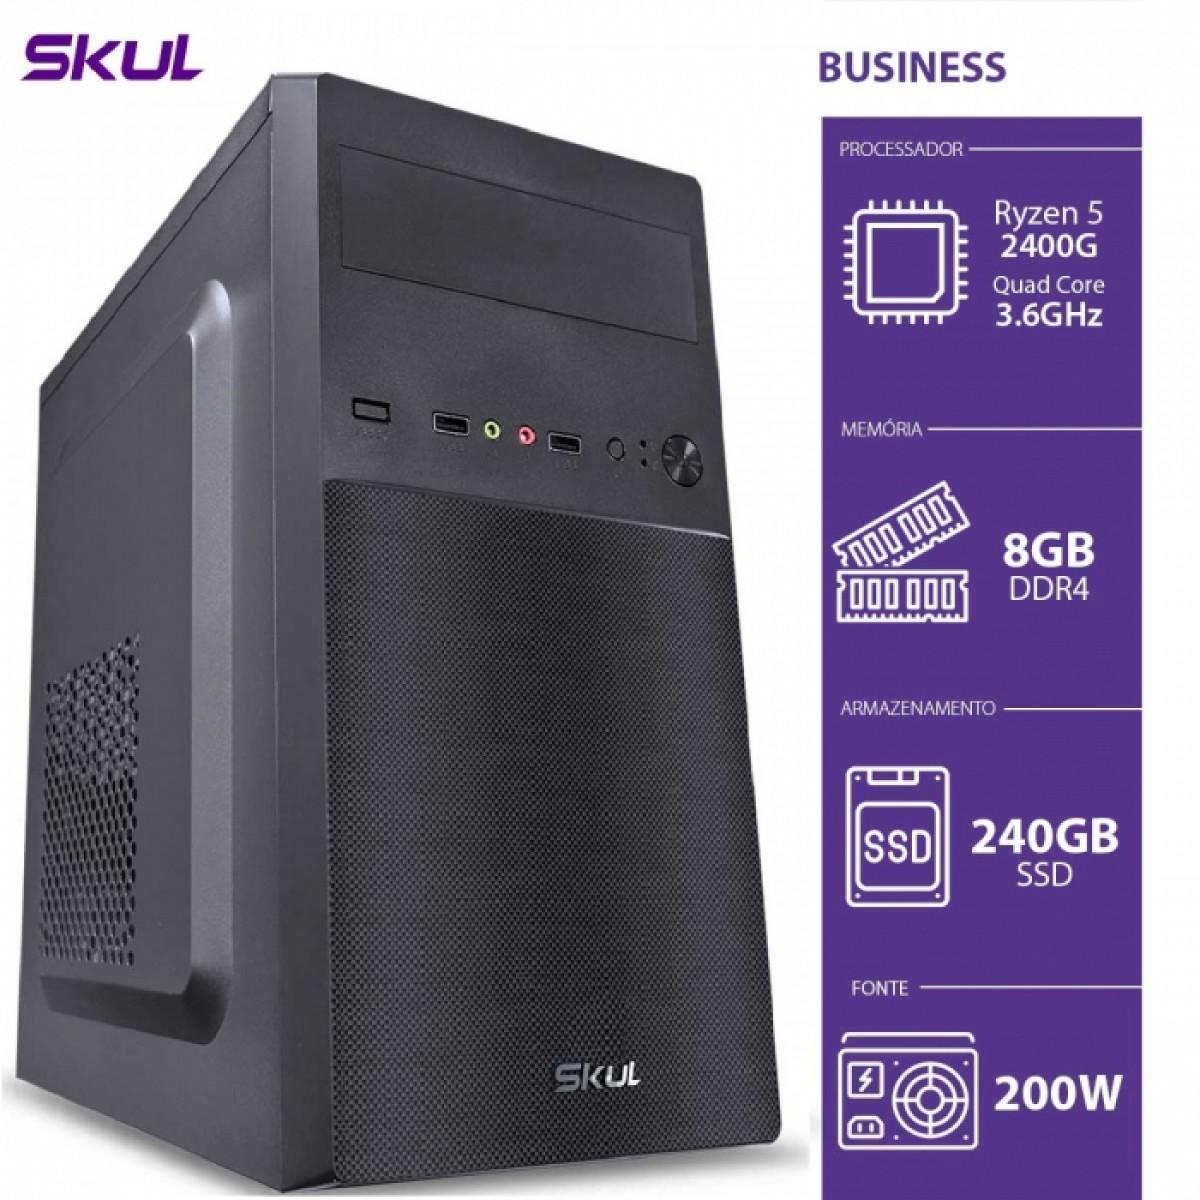 Computador Skul T-Gamer Business B500 Ryzen 5 2400G / 8GB DDR4 / SSD 240GB  / HDMI/VGA / FONTE 200W